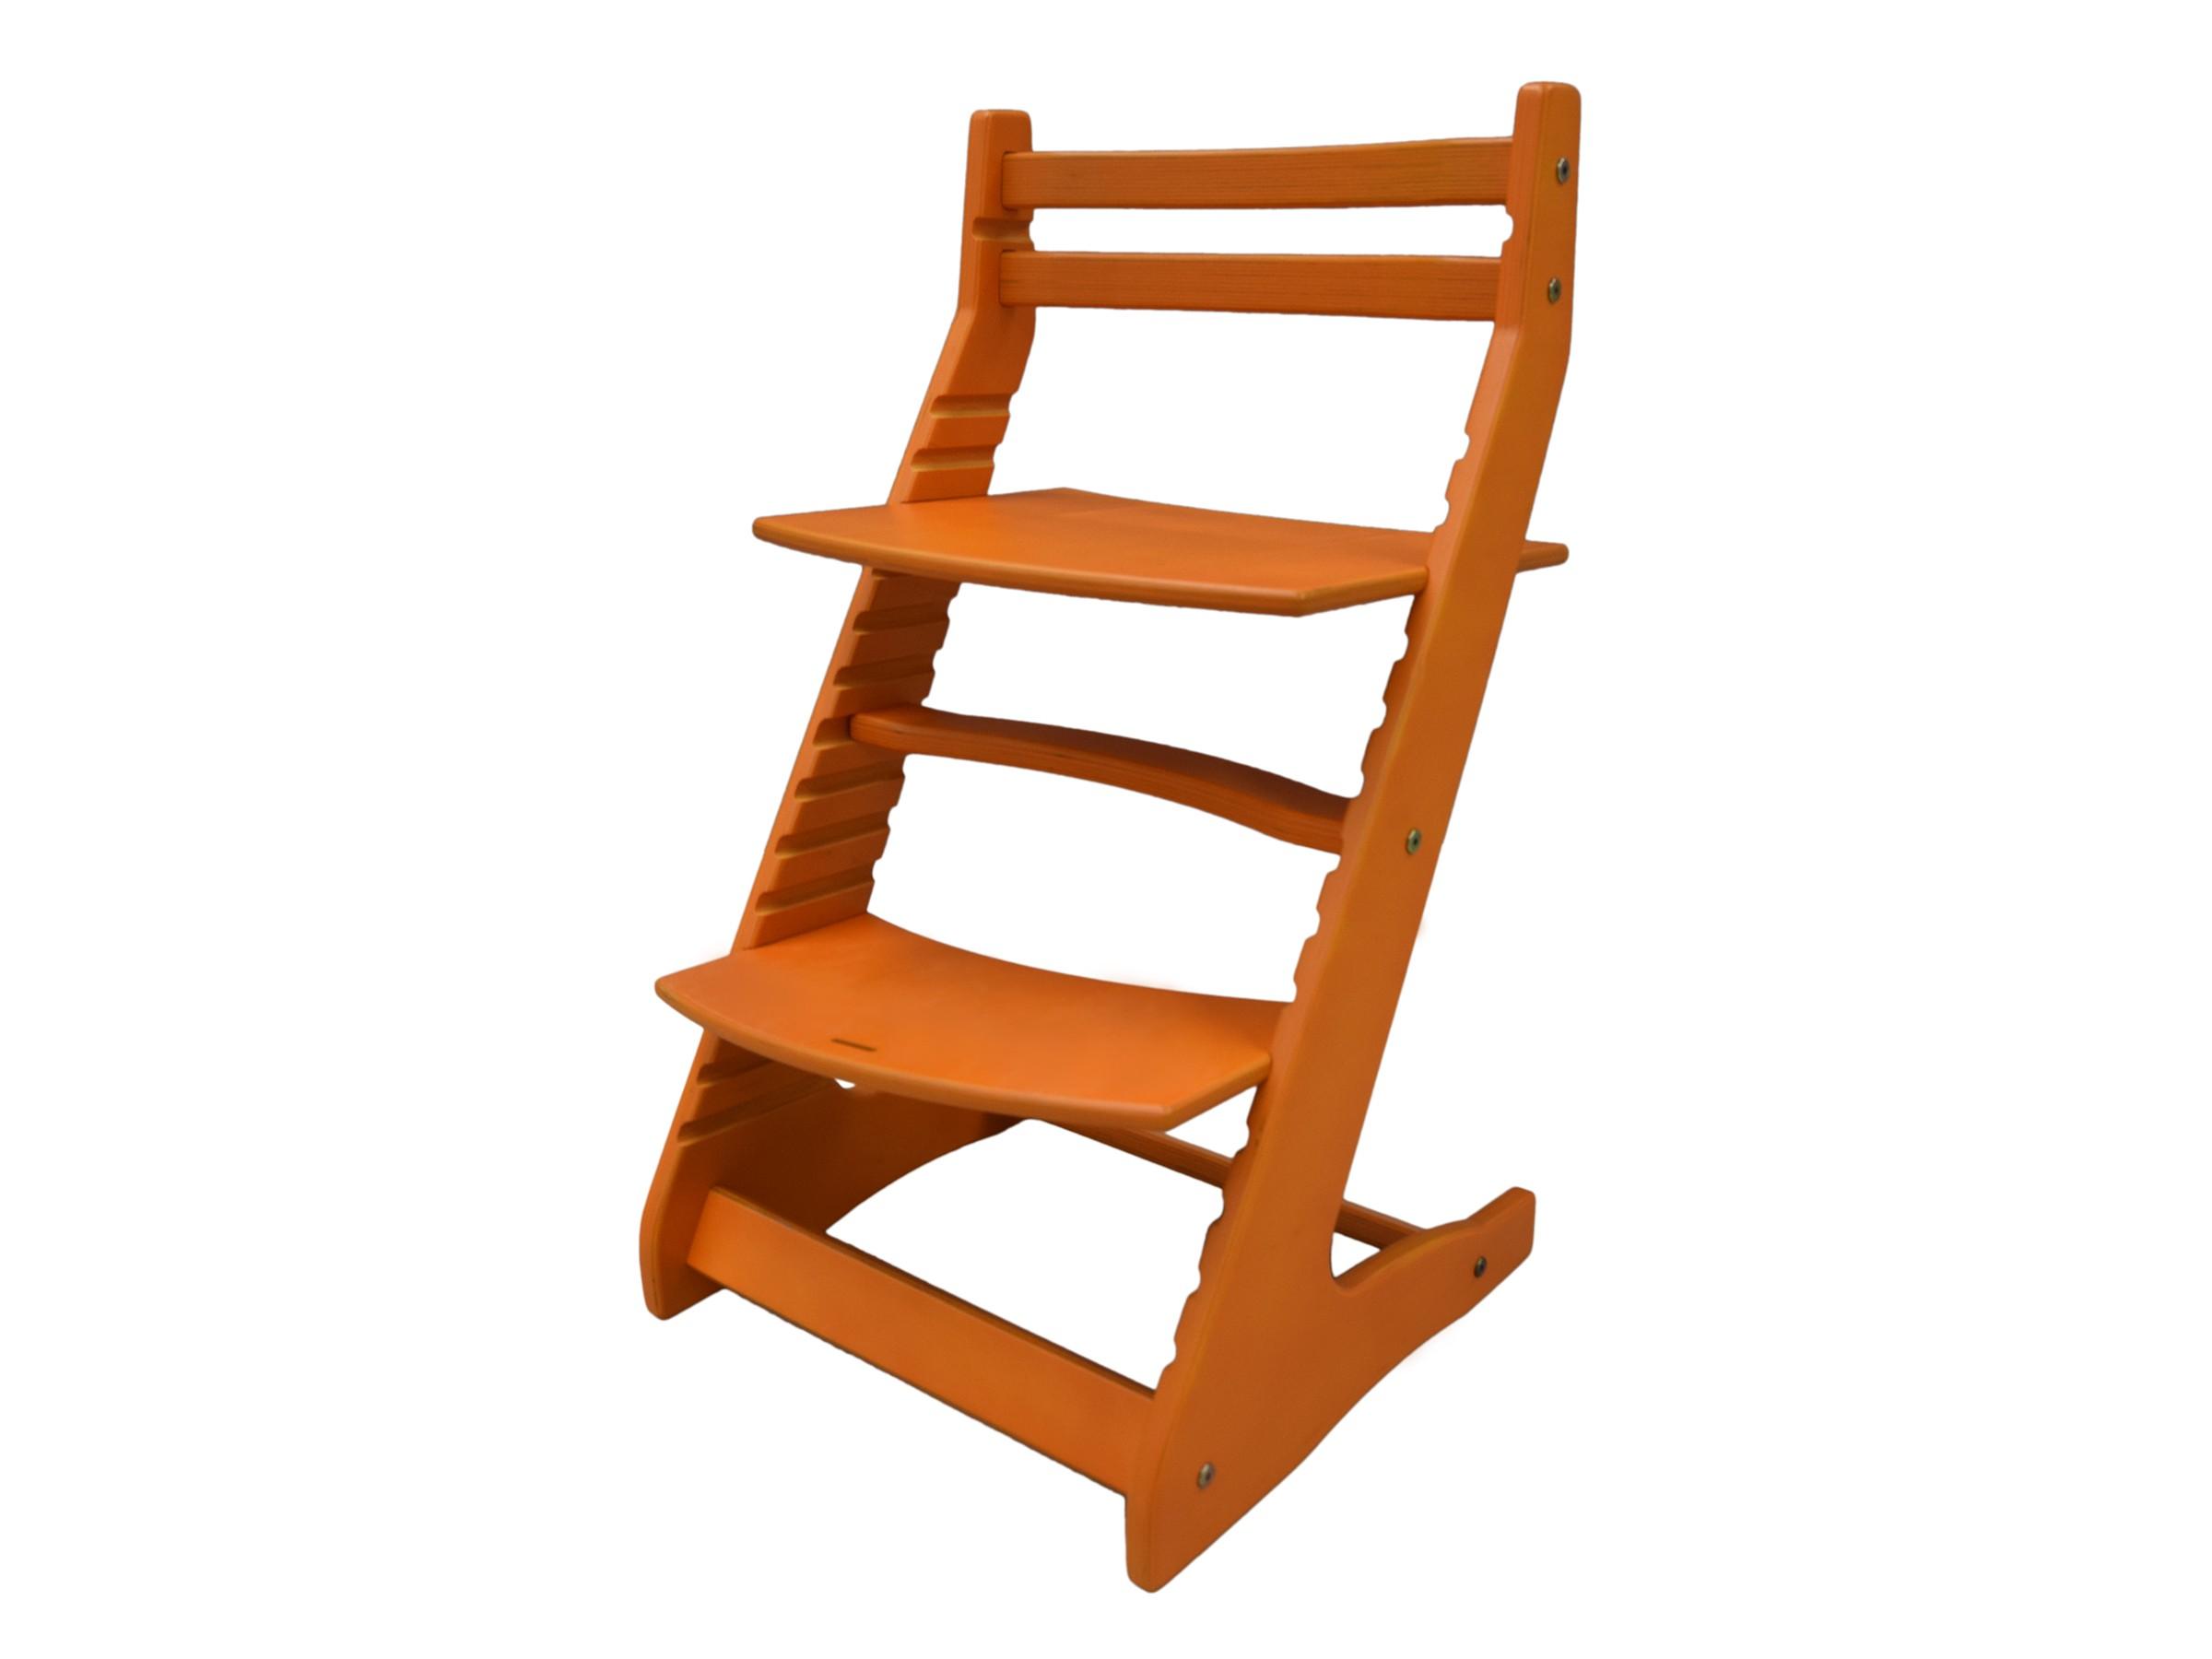 Стул детский ВырастайкаДетские стулья<br>Растущие стулья «Вырастайка» нравятся и детям, и взрослым: их лаконичный дизайн и яркая цветовая палитра отлично смотрятся в детской комнате, а высокое качество исполнения и продуманная конструкция помогают заботиться о здоровье малыша. <br>Если вы хотите сформировать у своего ребенка правильную осанку, стоит подобрать ему мебель, соответствующую его росту и фигуре. Даже если ваше чадо растет очень быстро, стульчик «Вырастайка» будет расти одновременно с ним: меняя высоту и глубину сидения, вы легко отрегулируете его положение так, чтобы малыш мог принять правильную позу, не чувствуя при этом дискомфорта.&amp;amp;nbsp;&amp;lt;div&amp;gt;&amp;lt;br&amp;gt;&amp;lt;/div&amp;gt;&amp;lt;div&amp;gt;Стулья «Вырастайка» производятся из экологически чистых материалов: легкая и прочная березовая фанера выдерживает массу до 100 кг. Стульчик сложно раскачать или опрокинуть, поэтому вы сможете быть спокойны за безопасность вашего малыша.&amp;lt;/div&amp;gt;<br><br>Material: Фанера<br>Ширина см: 46.0<br>Высота см: 80.0<br>Глубина см: 50.0